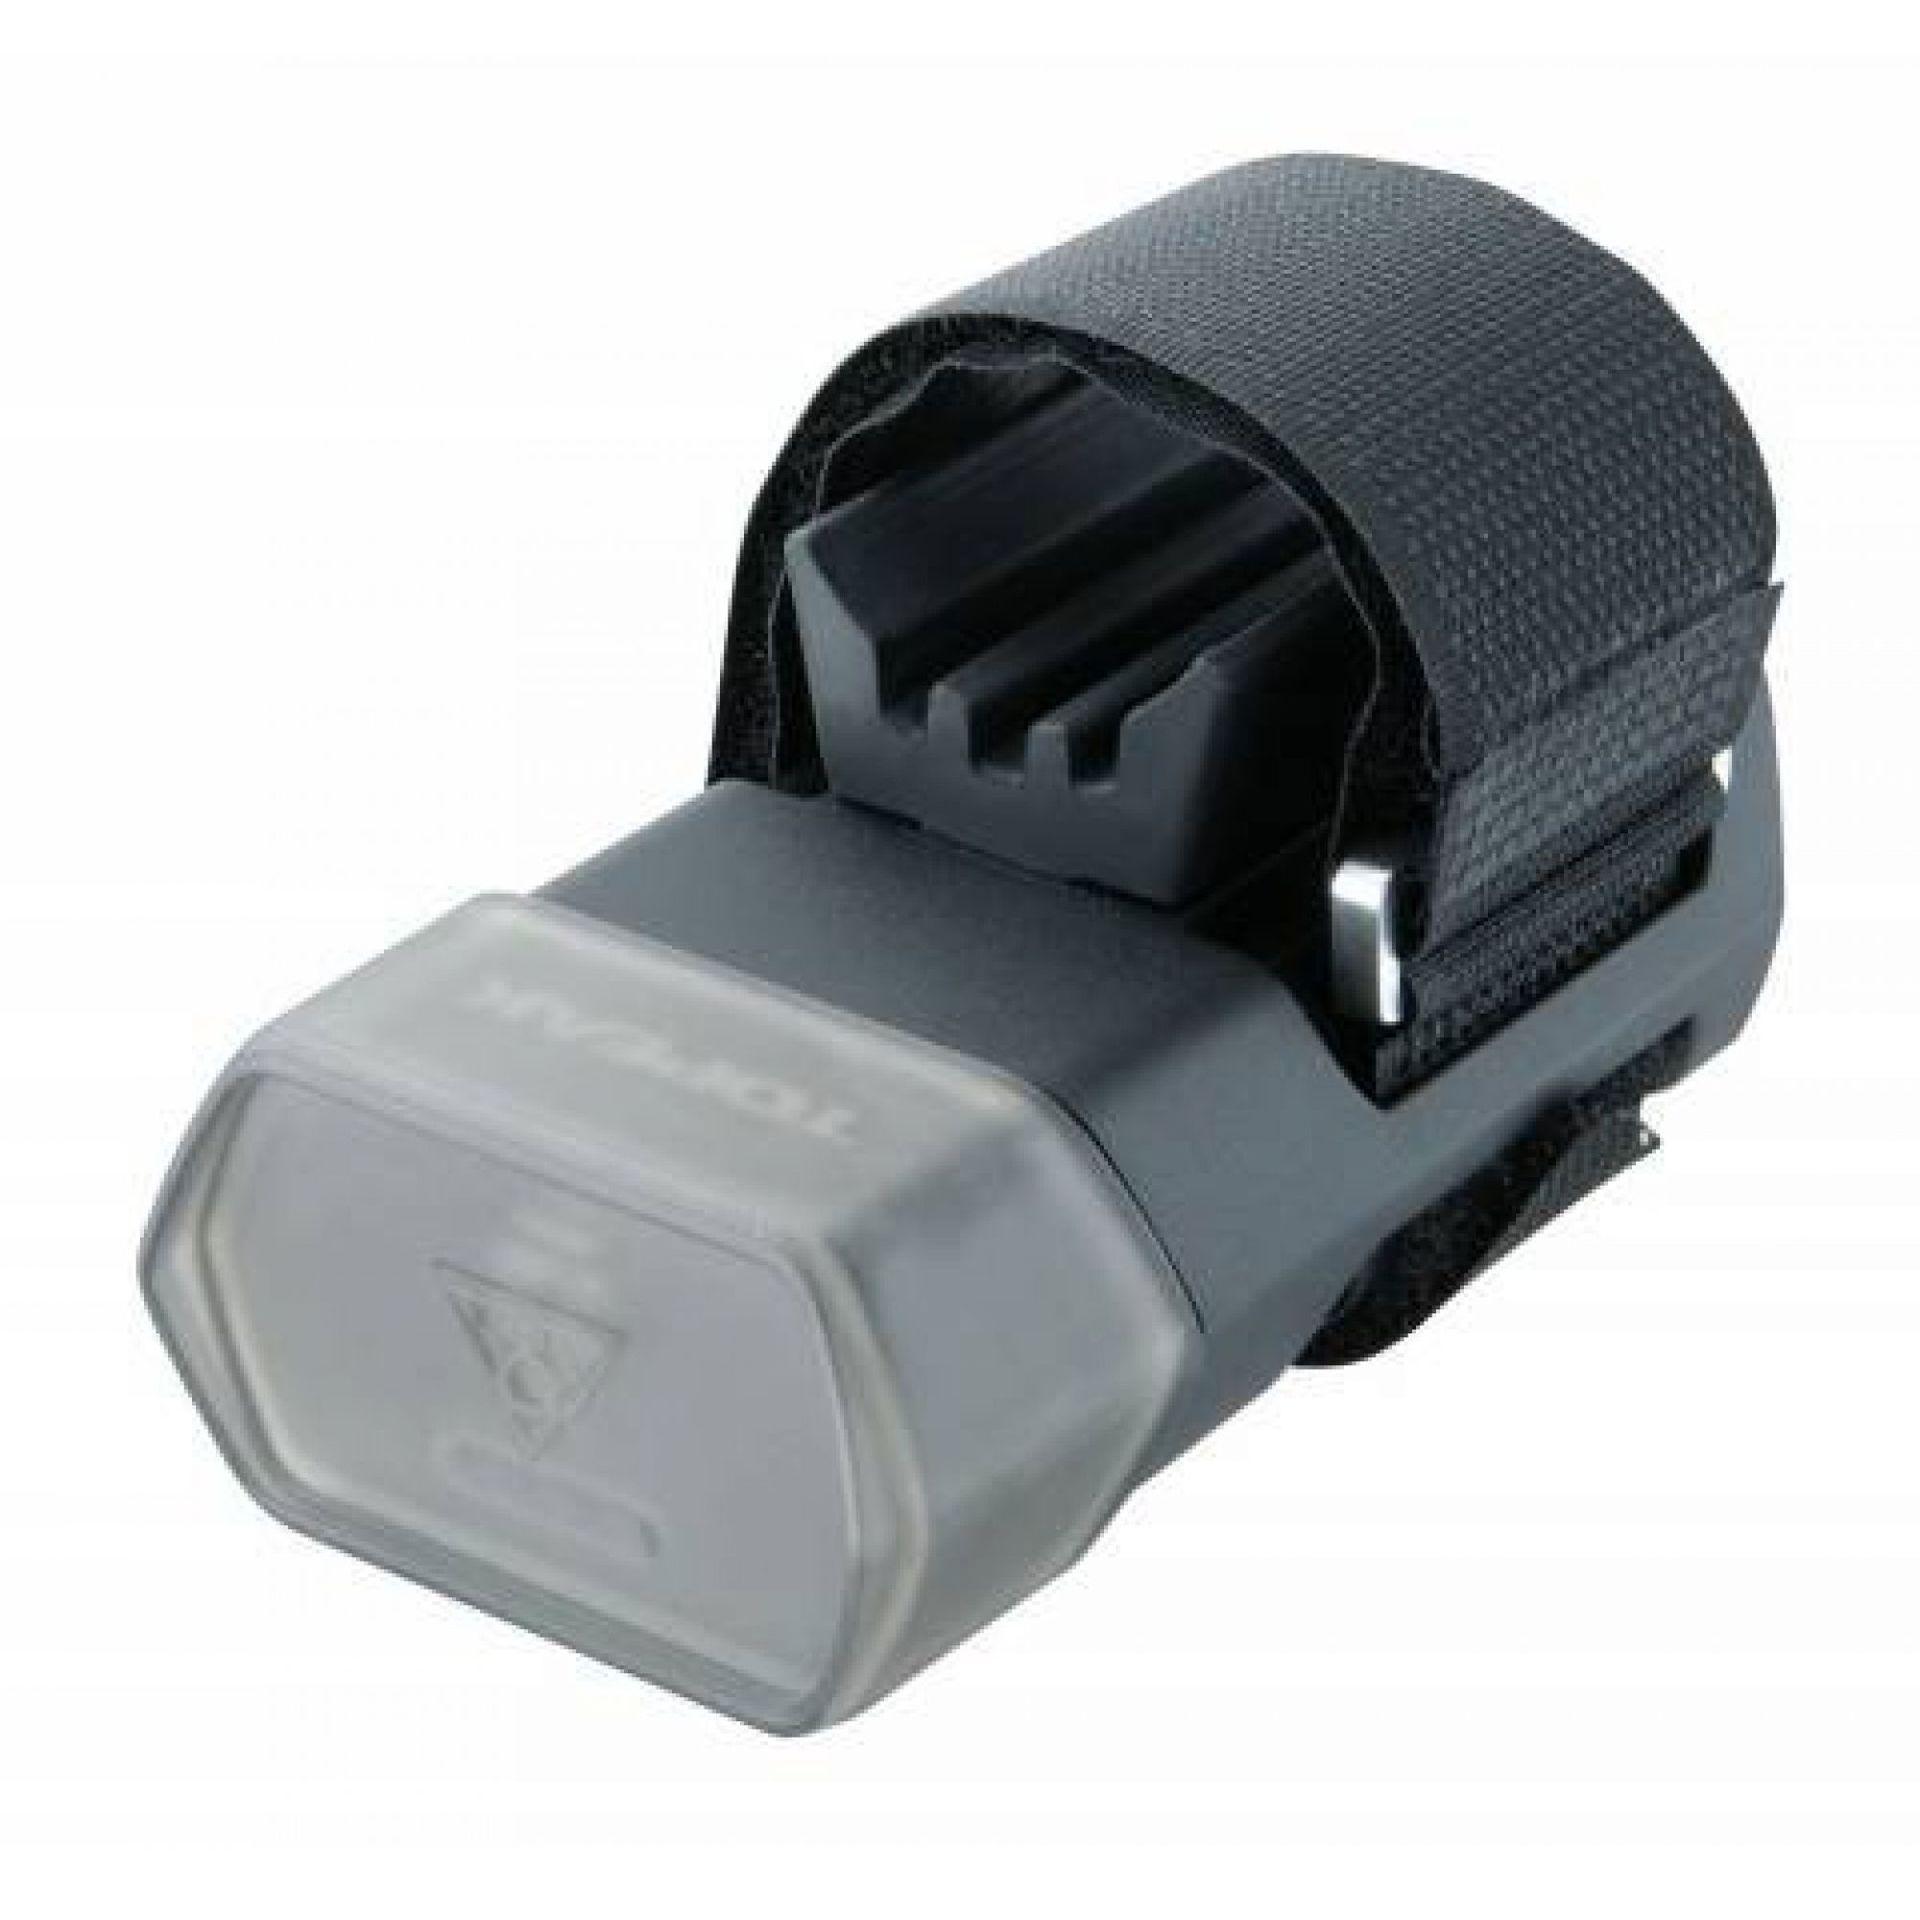 Mobile PowerPack 5200mAh